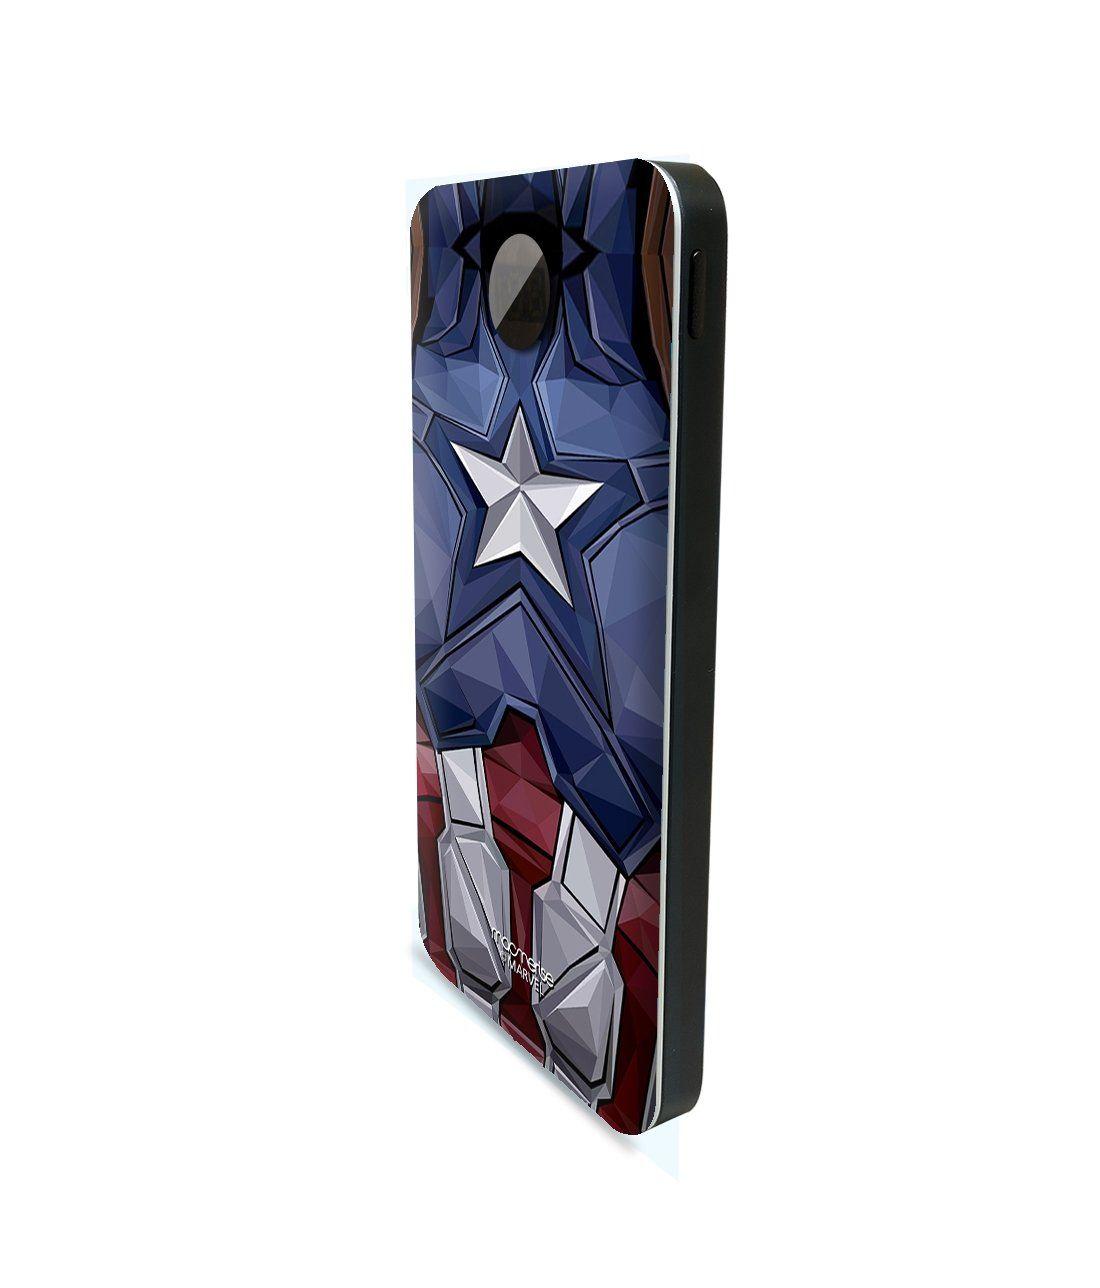 Captain America Vintage Suit - 10000 mAh Universal Power Bank